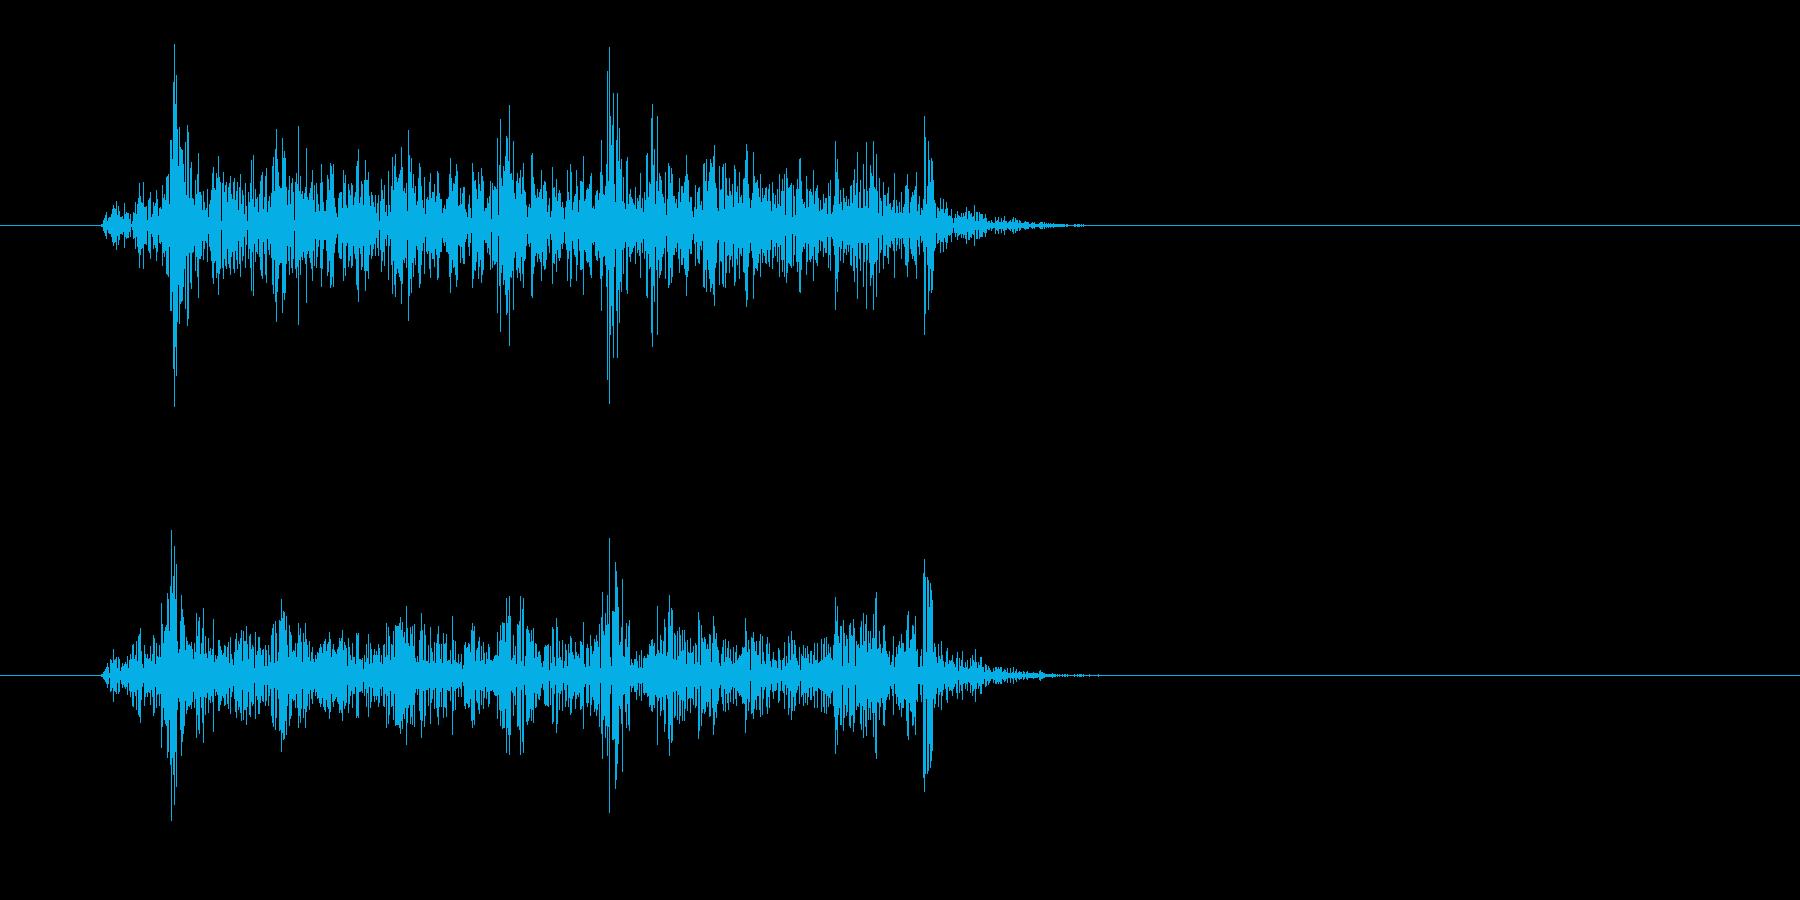 ザッ(摩擦の音)短めの再生済みの波形